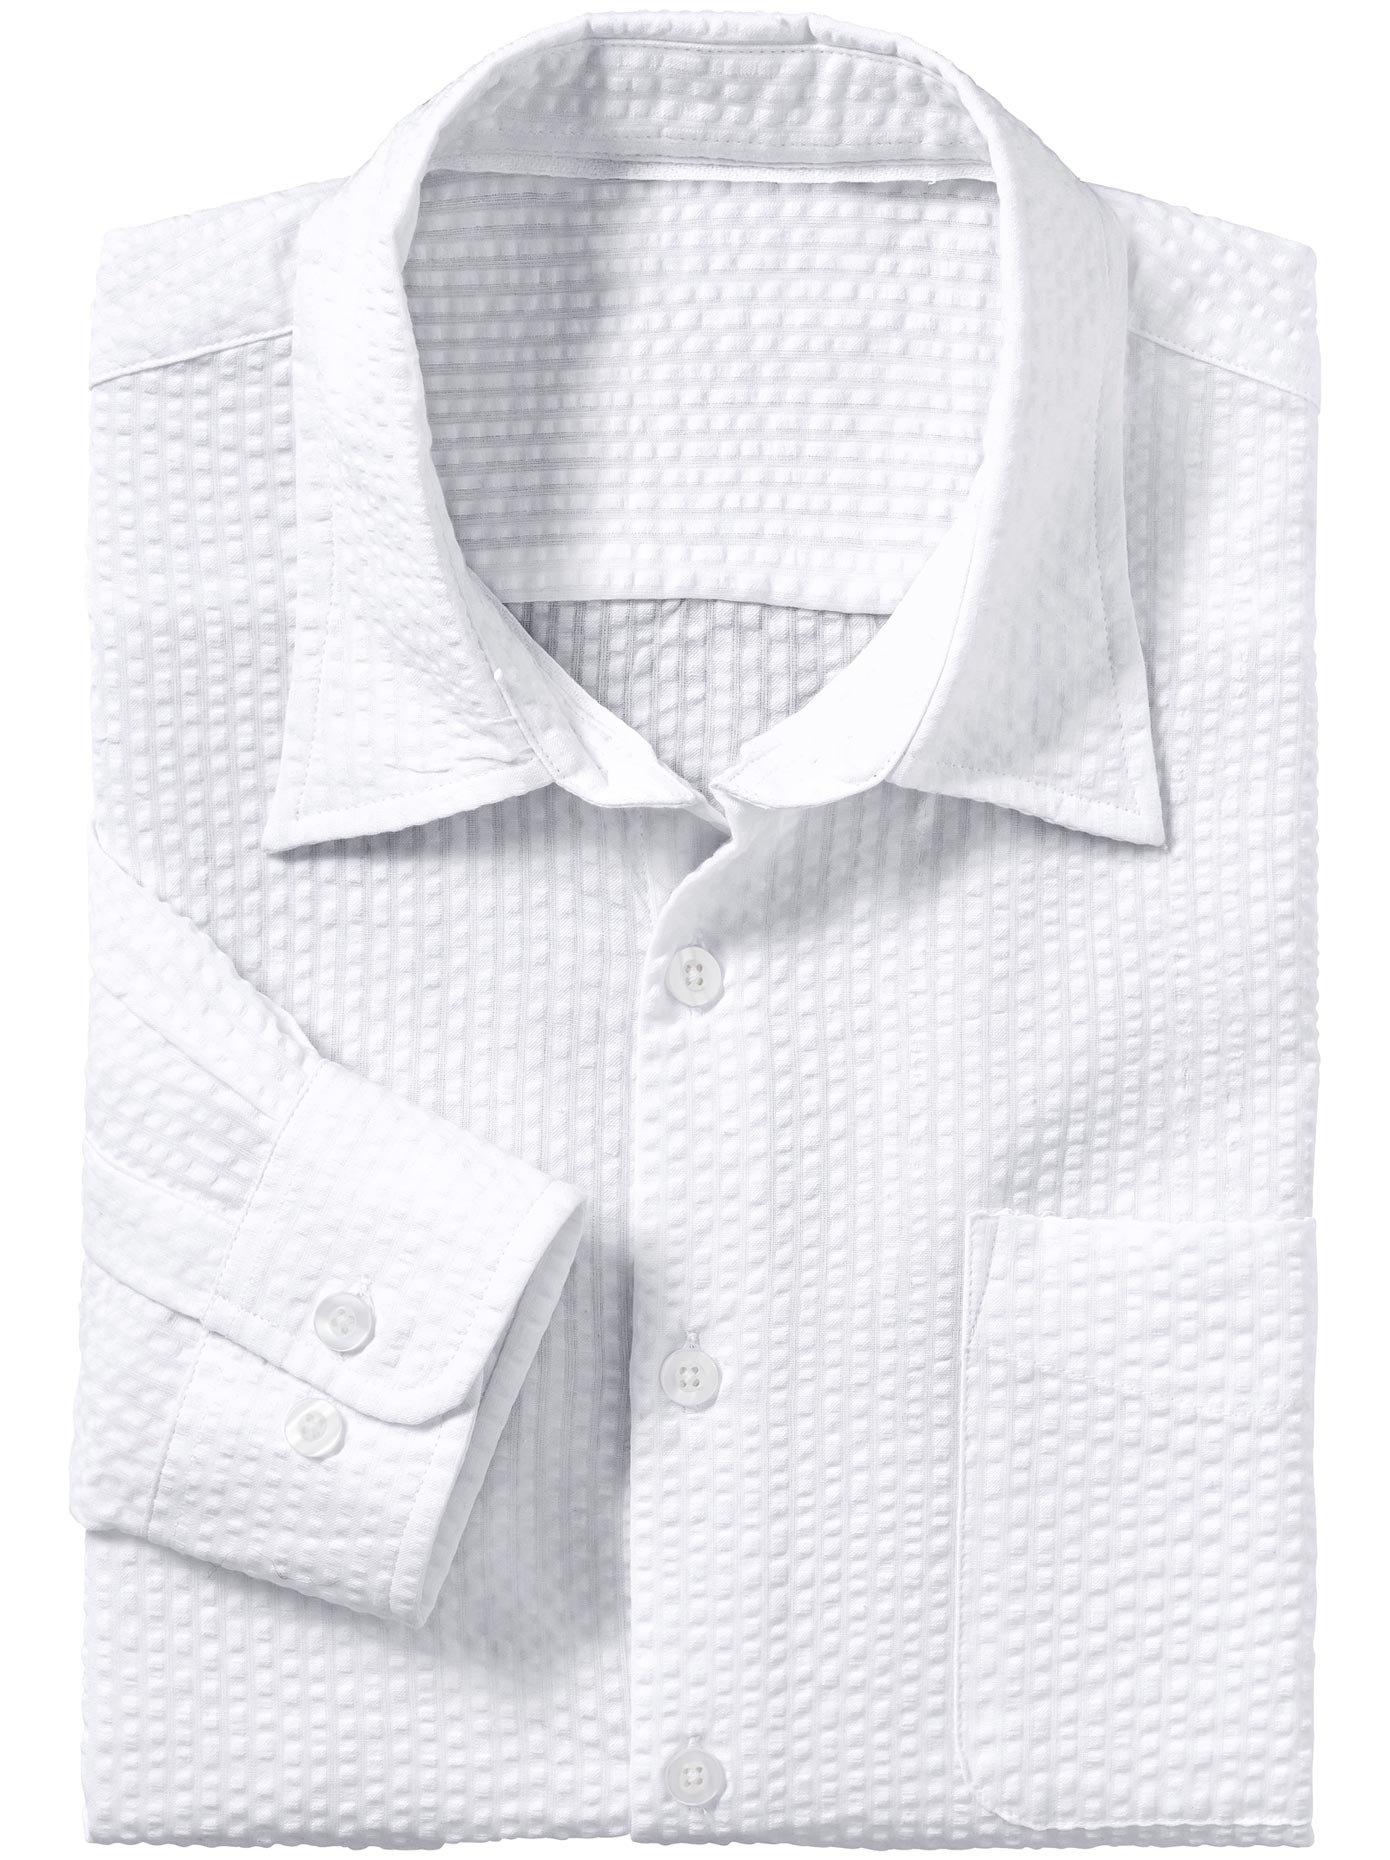 Marco Donati overhemd met lange mouwen in »easy care«-uitvoering nu online bestellen